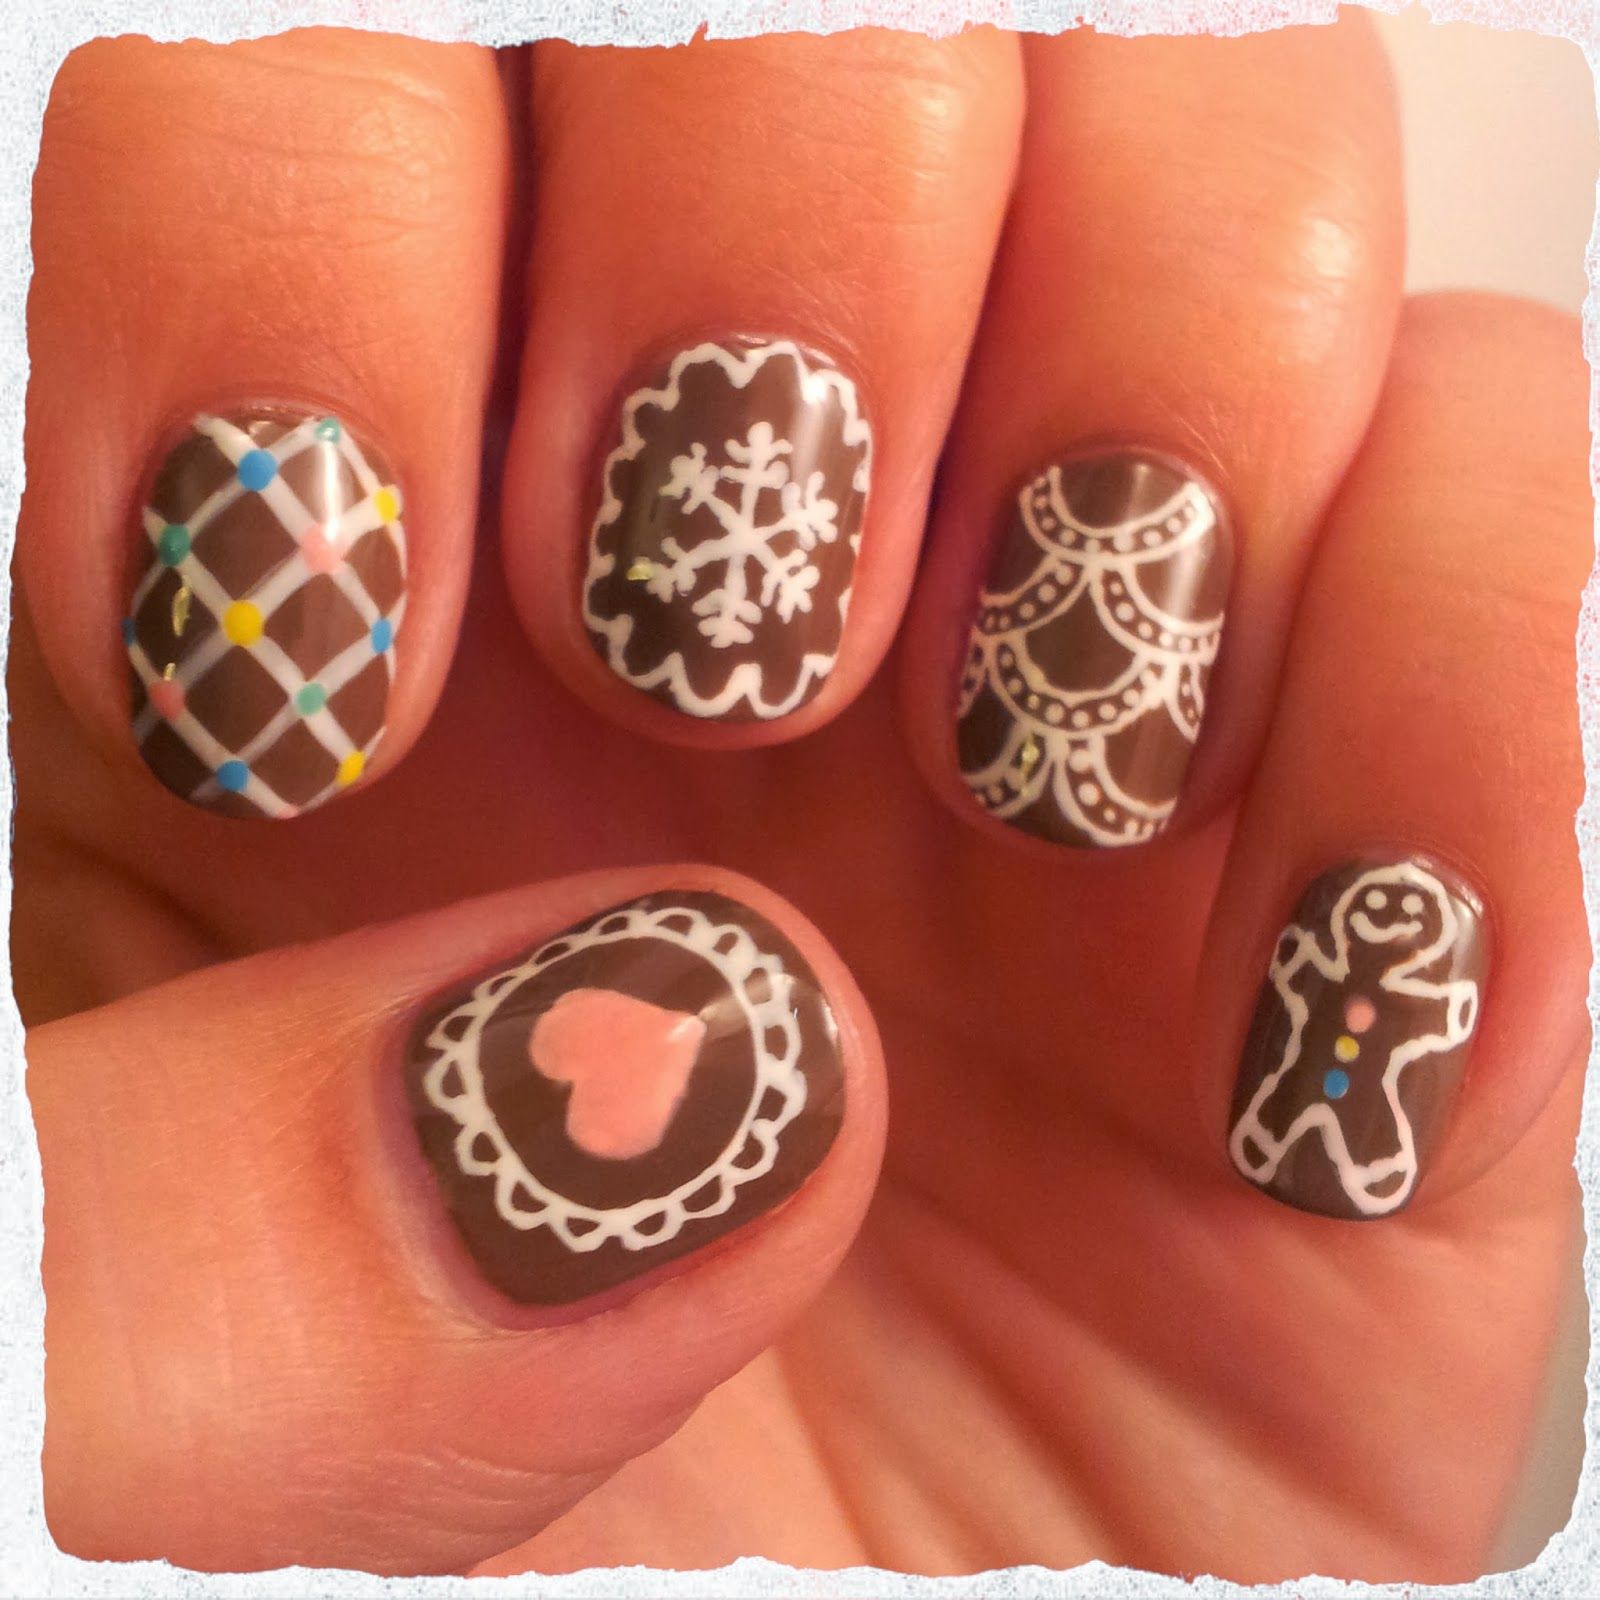 Dahlia Nails: December 2013